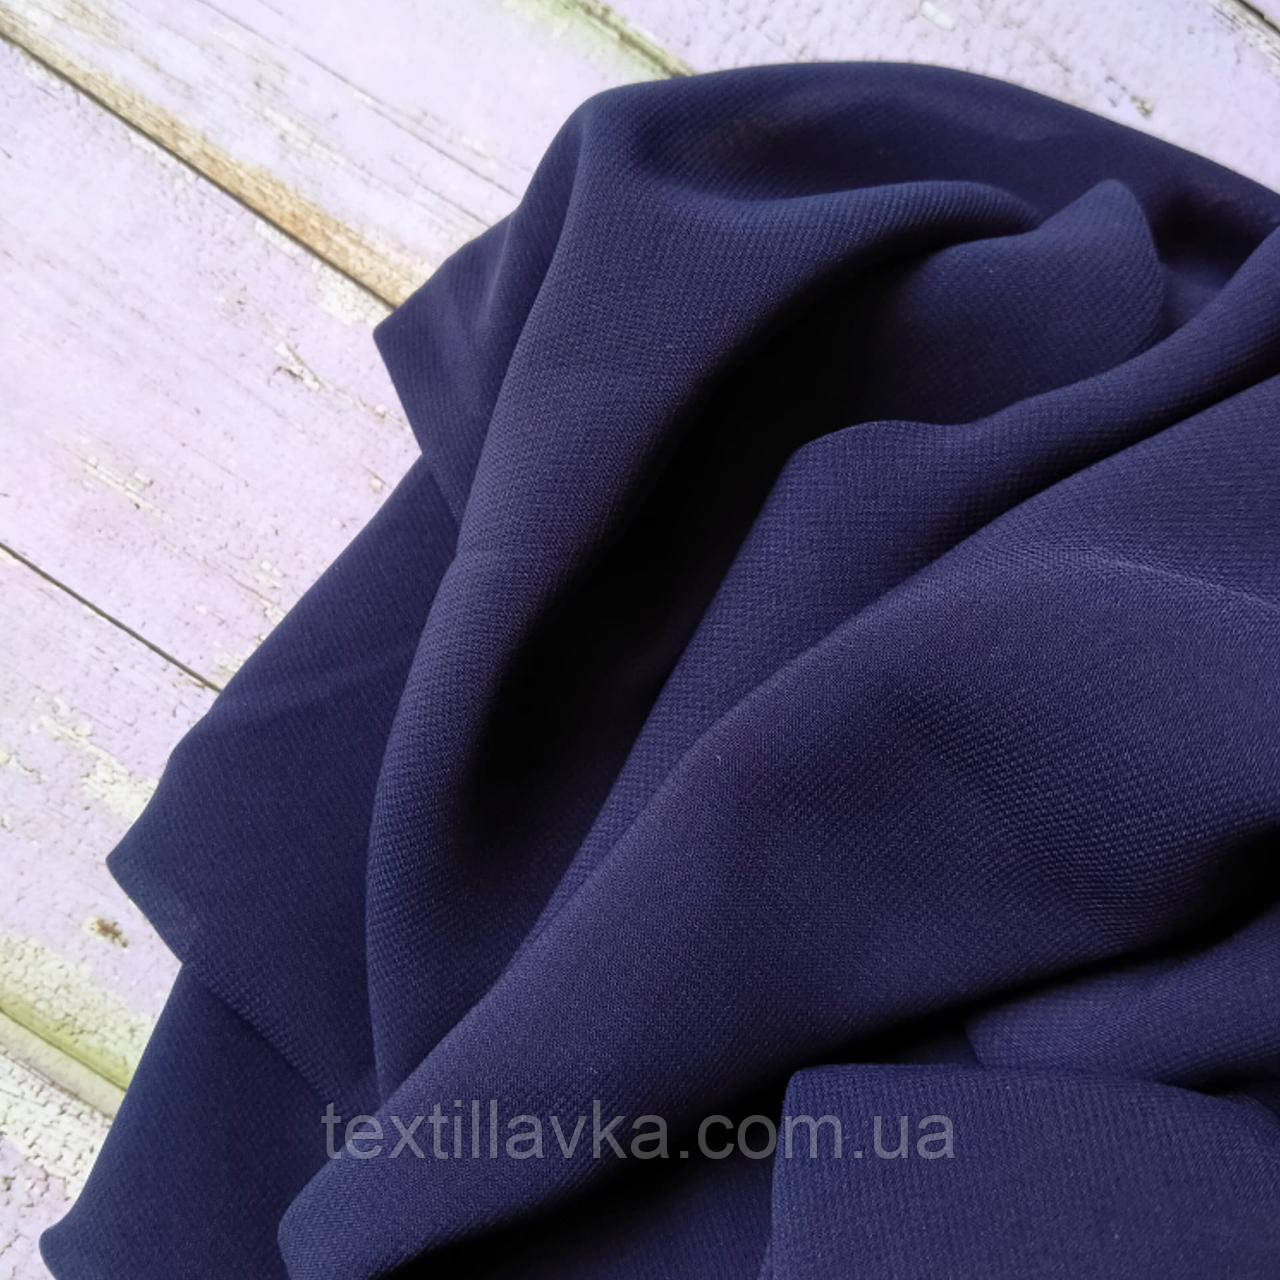 Тканина шифон Винди темно-синій